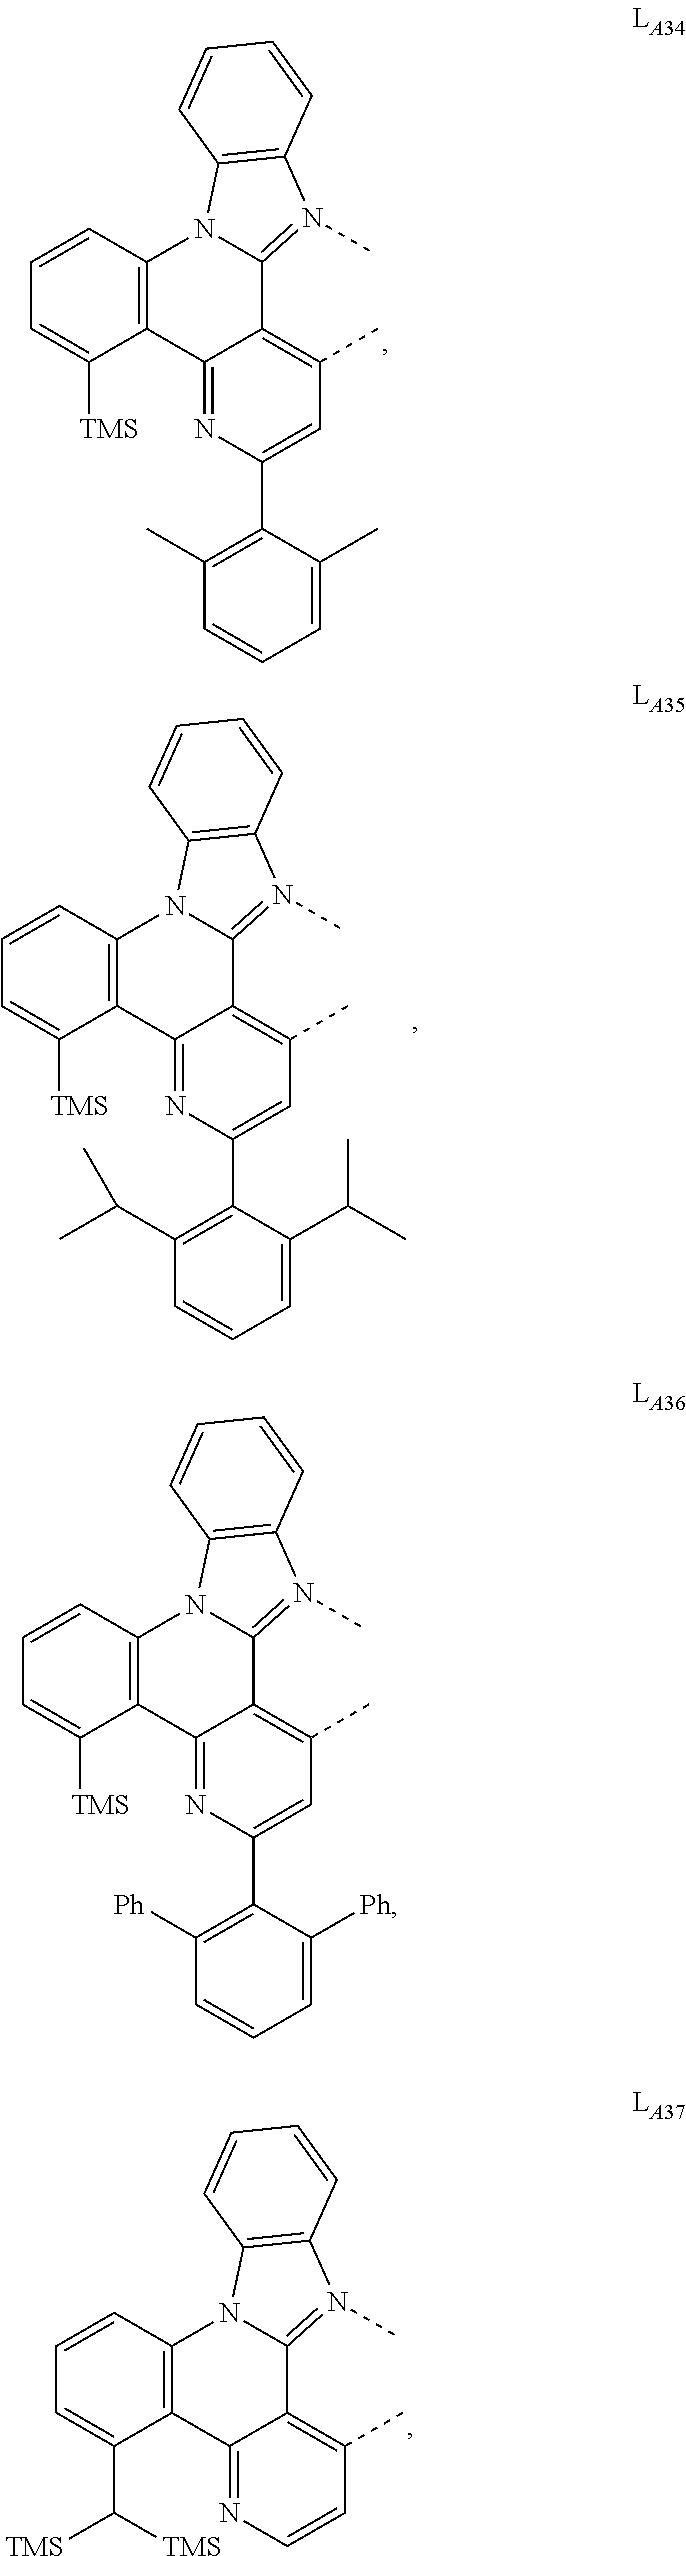 Figure US09905785-20180227-C00432